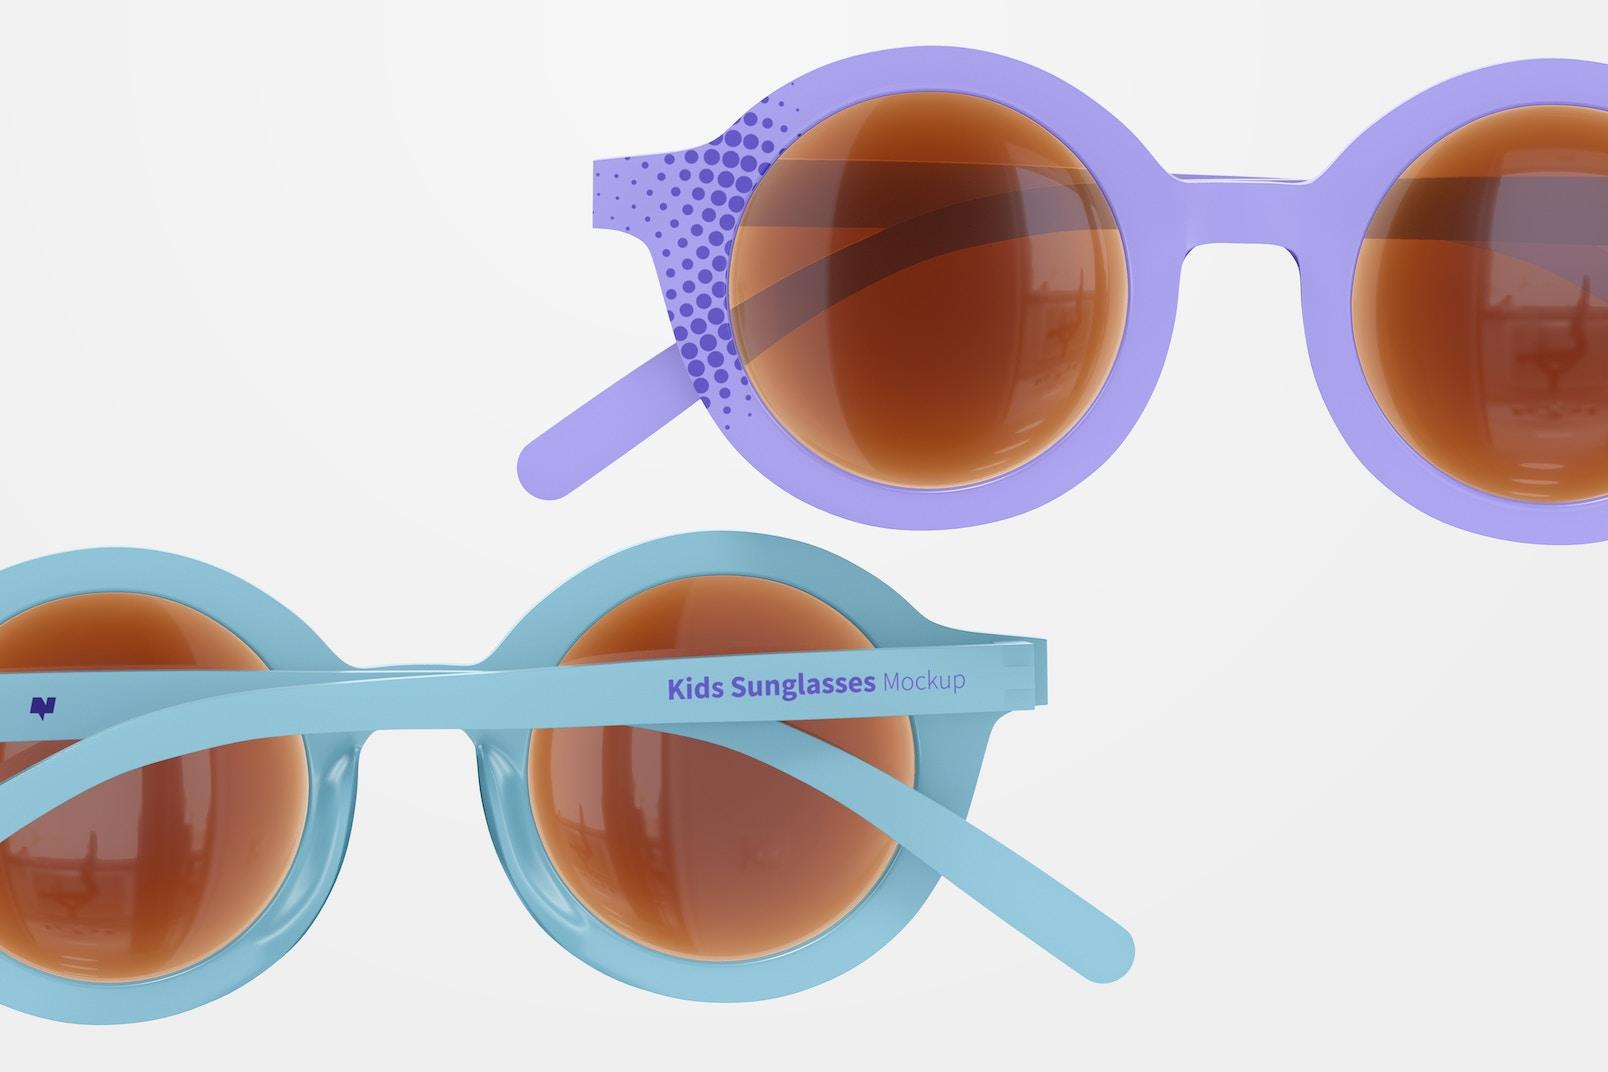 Kids Sunglasses Mockup, Close Up